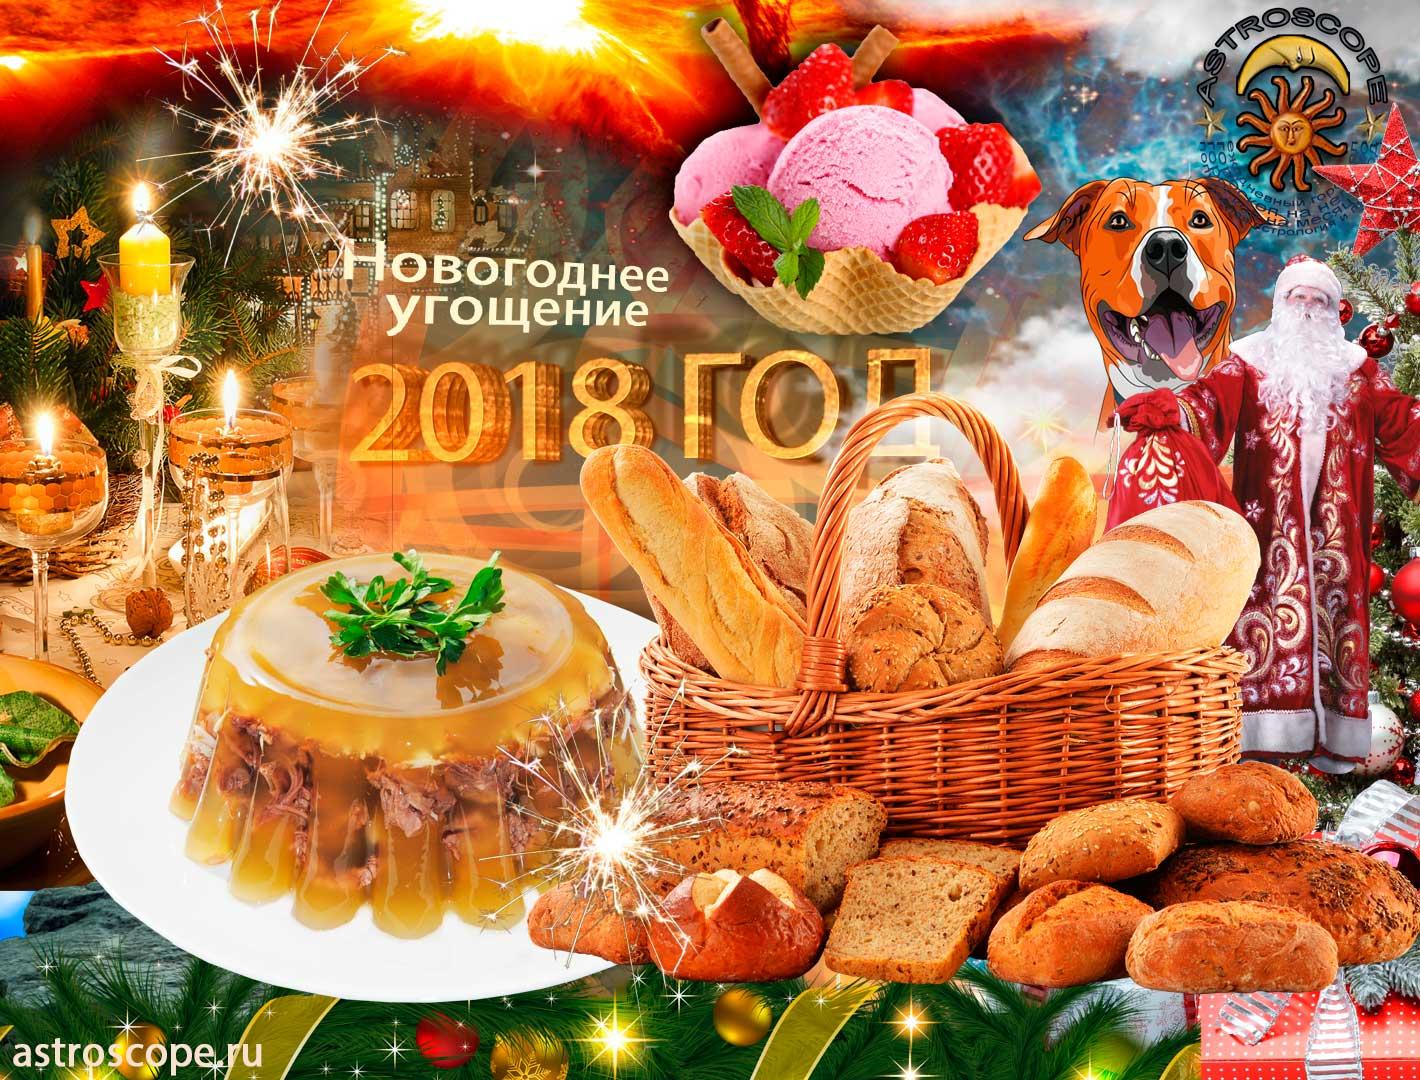 Новый год 2018: год Собаки, что готовить на новогодний стол